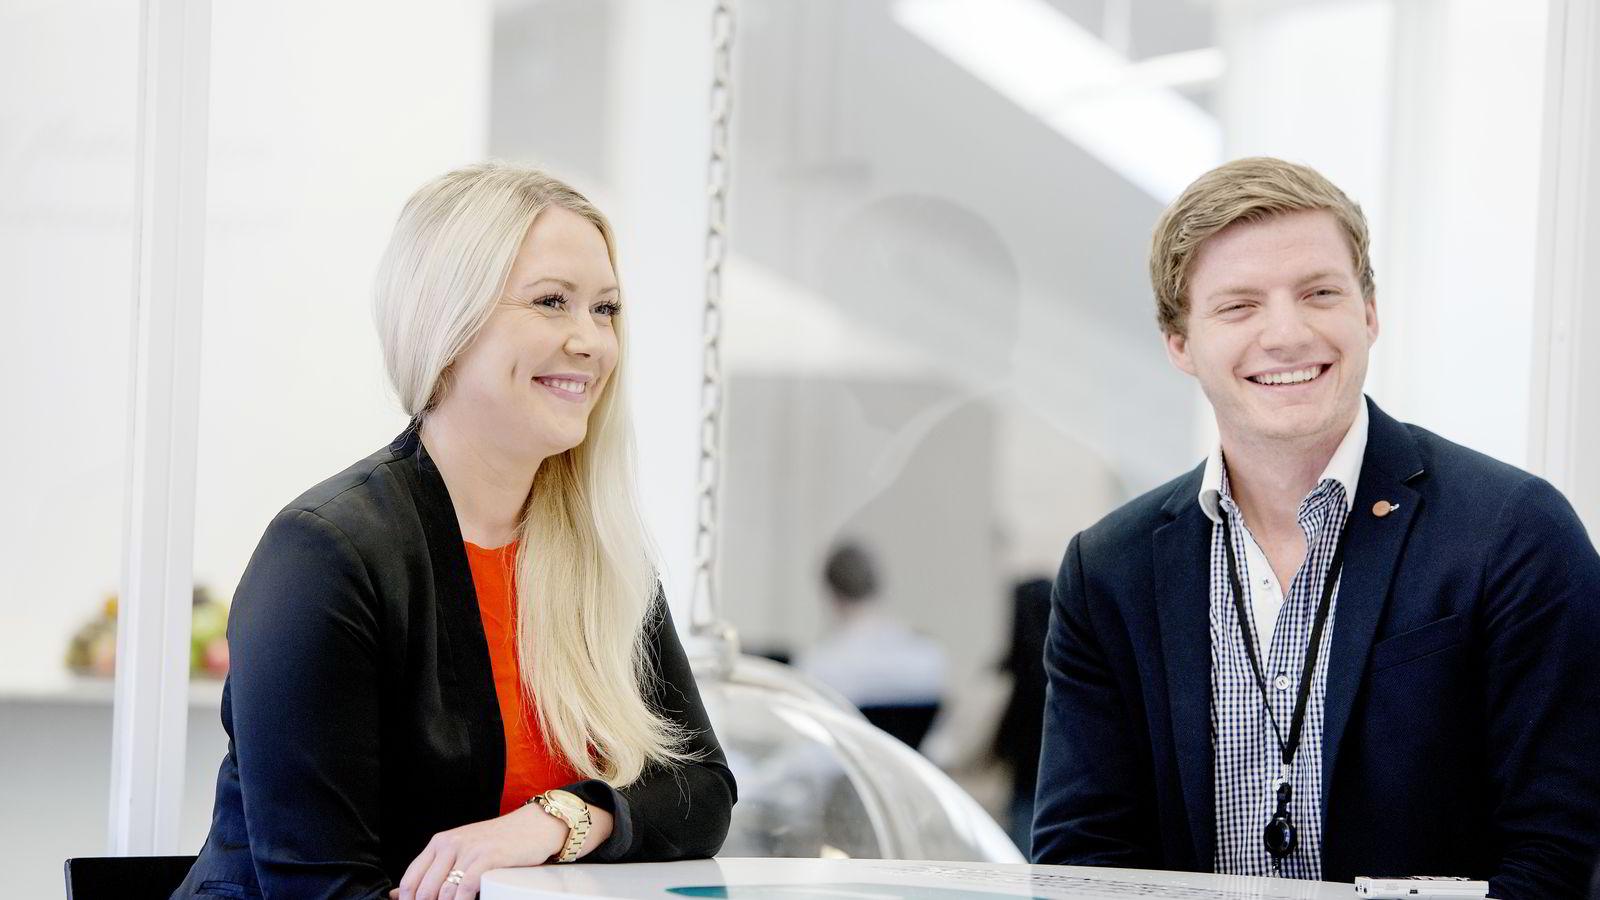 – Det nytter ikke å sitte hjemme og tro at jobben kommer til deg, sier Eveline Ottosson (27). Hun og Henrik Almås (25) er blant de mer enn 100 nyansatte DNB-meglerne i år. De fleste kommer rett fra skolebenken.